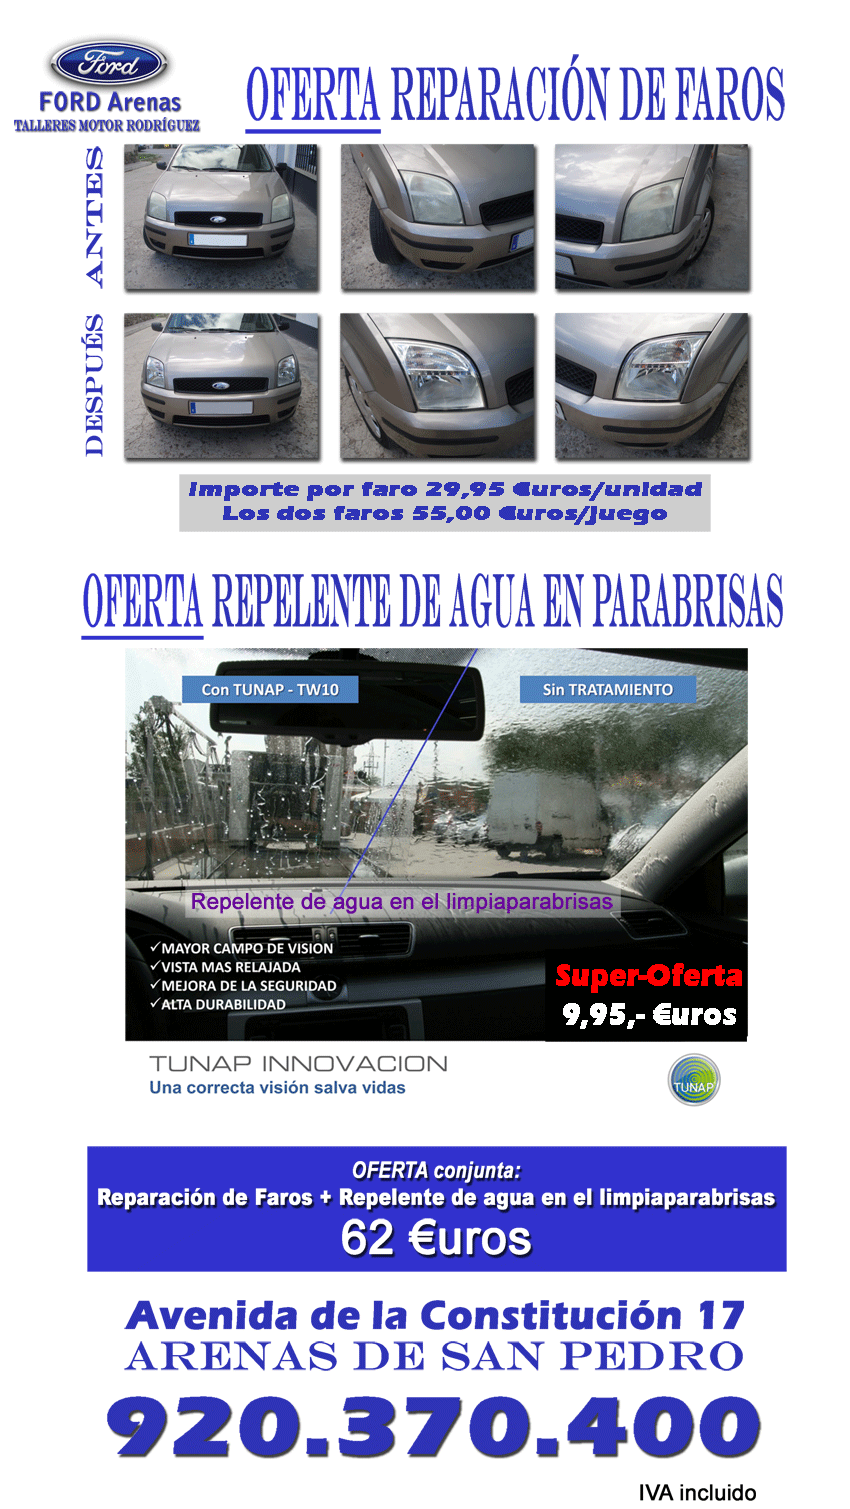 Oferta-Reparación-de-Faros-y-Repelente-Agua-Parabrisas - Ford Arenas de San Pedro - TiétarTeVe